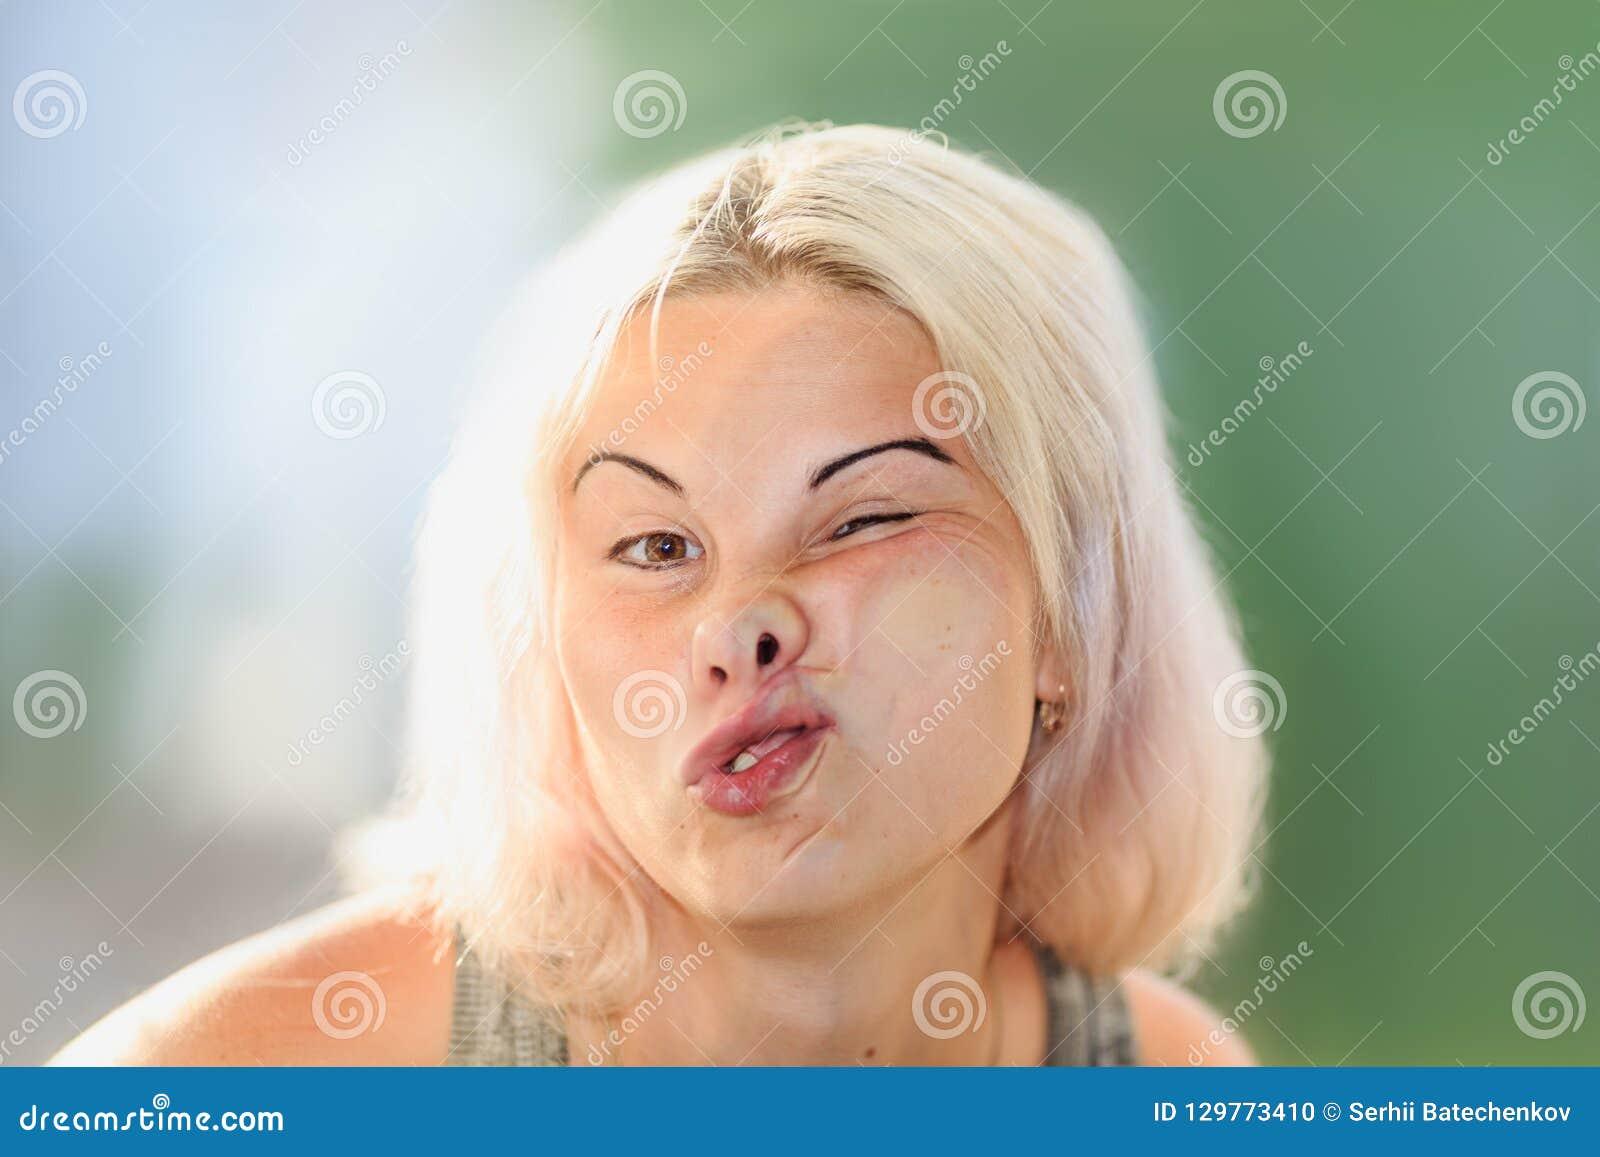 Żeńska twarz naciskająca przeciw szkłu lub okno